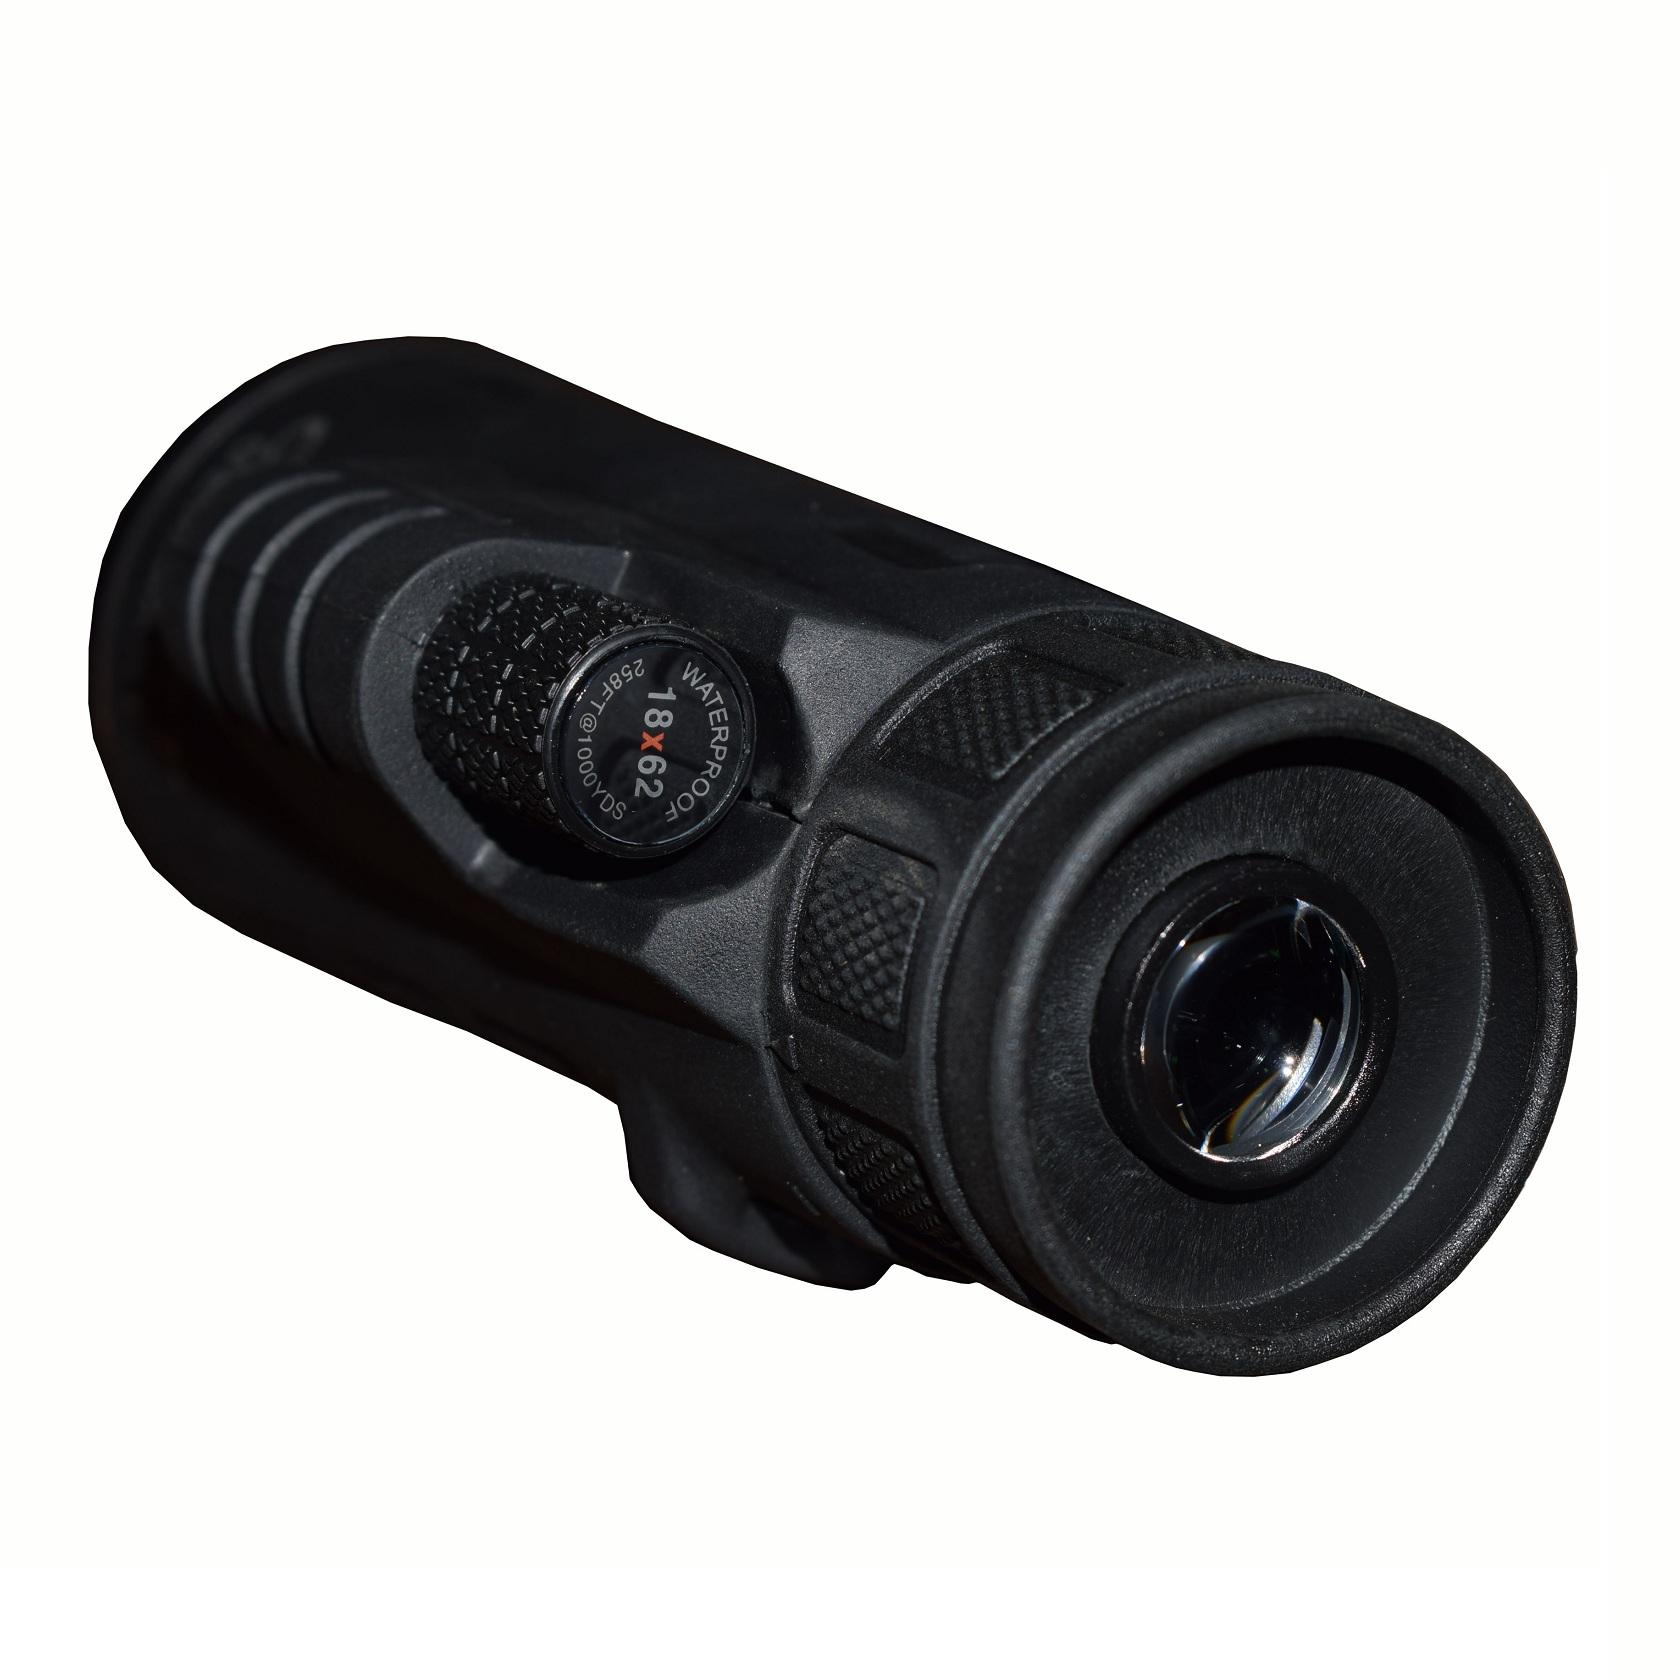 دوربین تک چشمی مدل ARCO12